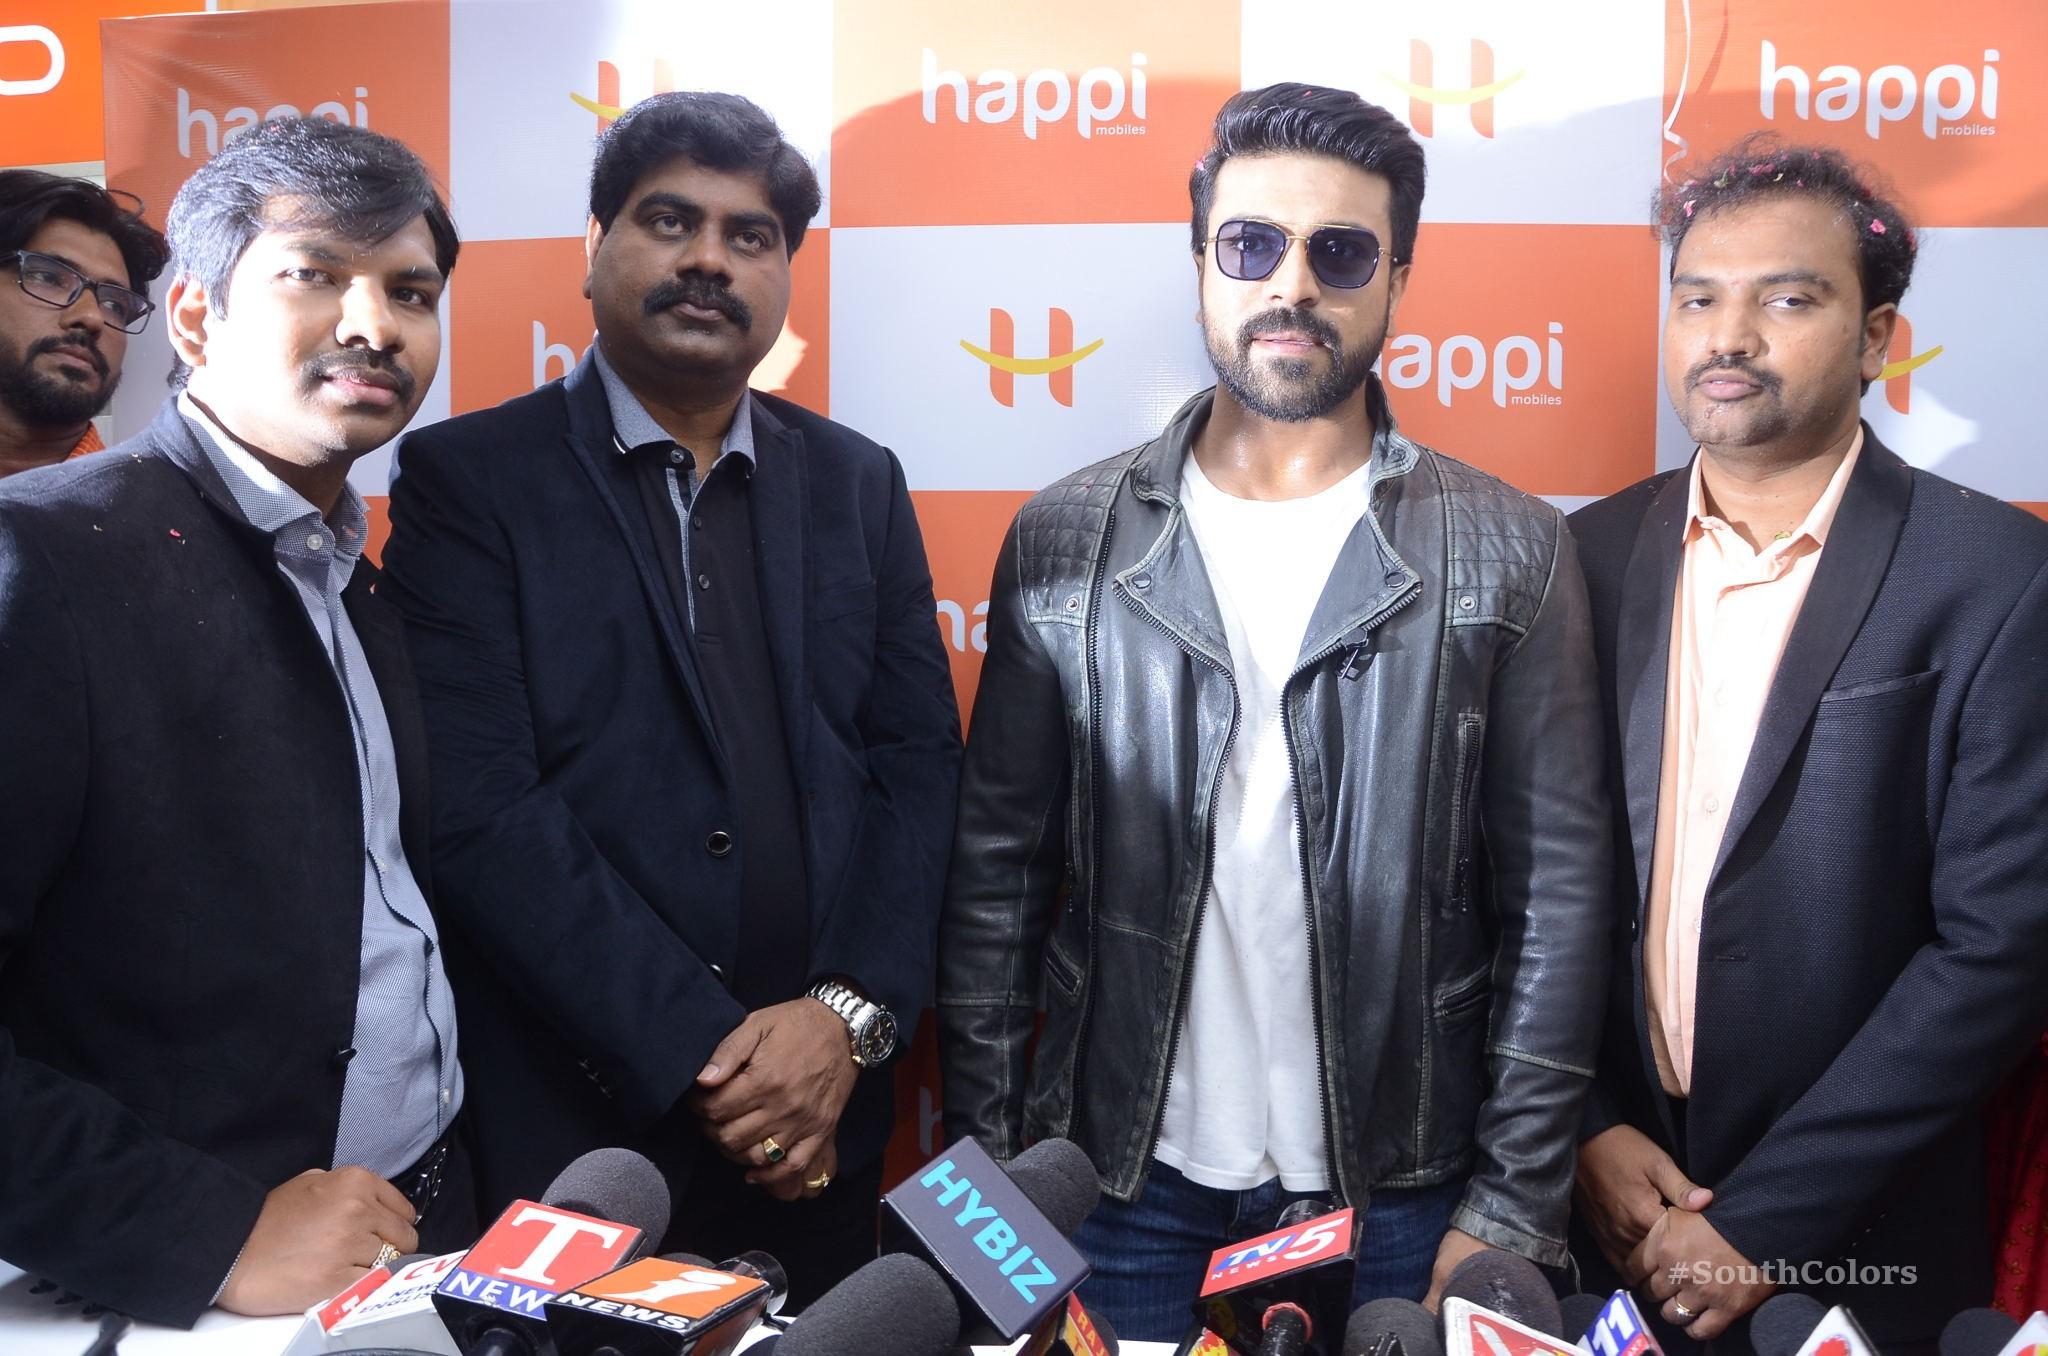 Ramcharan Happi Mobiles Store Launch Photos at Chanda Nagar Southcolors 16